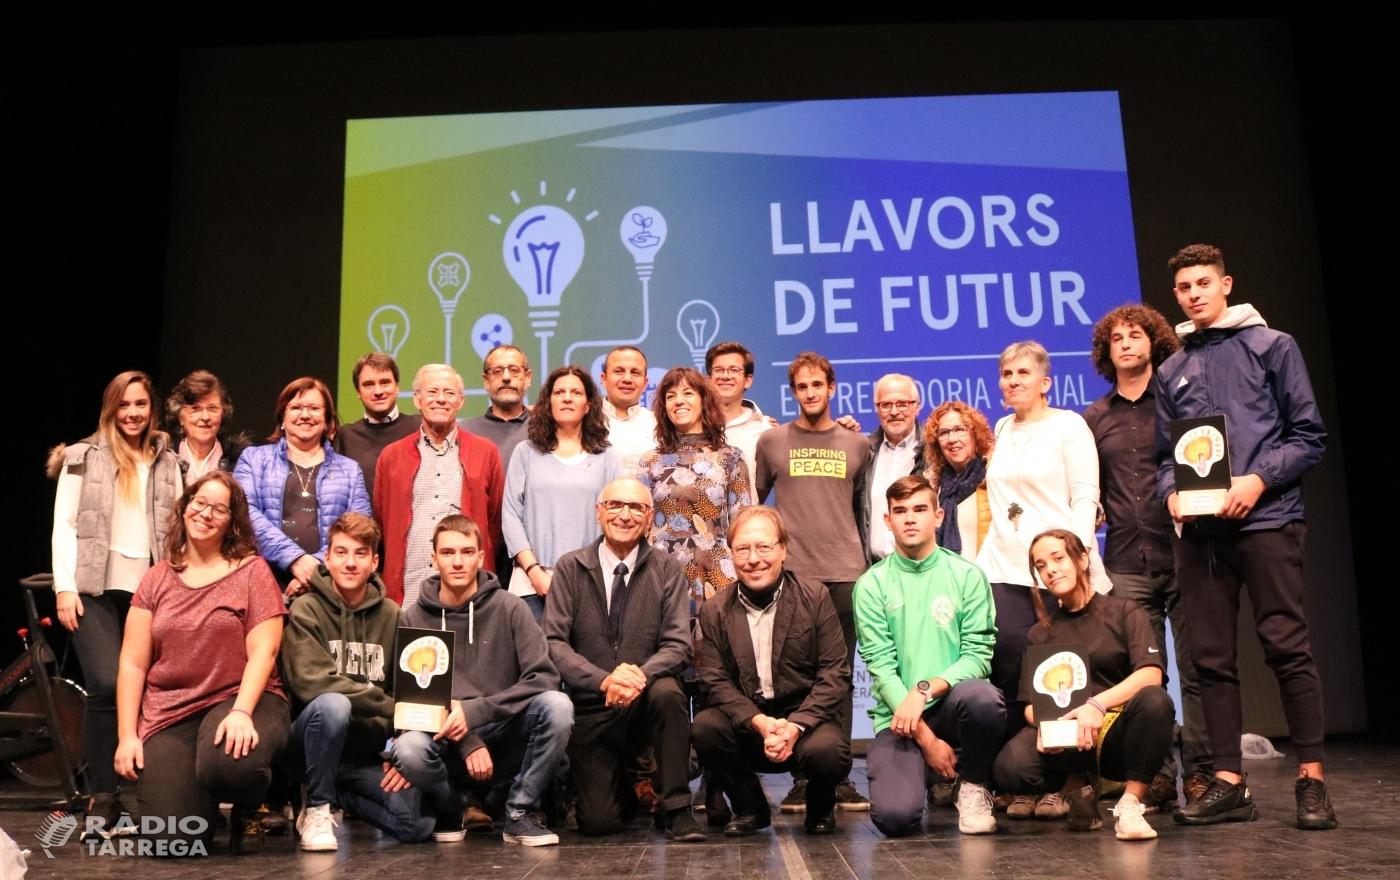 Felix Finkbeiner, fundador de Plant for the Planet i els projectes Ethical Time i ImaGym protagonistes de la jornada d'emprenedoria jove Llavors de Futur impulsada pel Grup Alba i Ponent Coopera